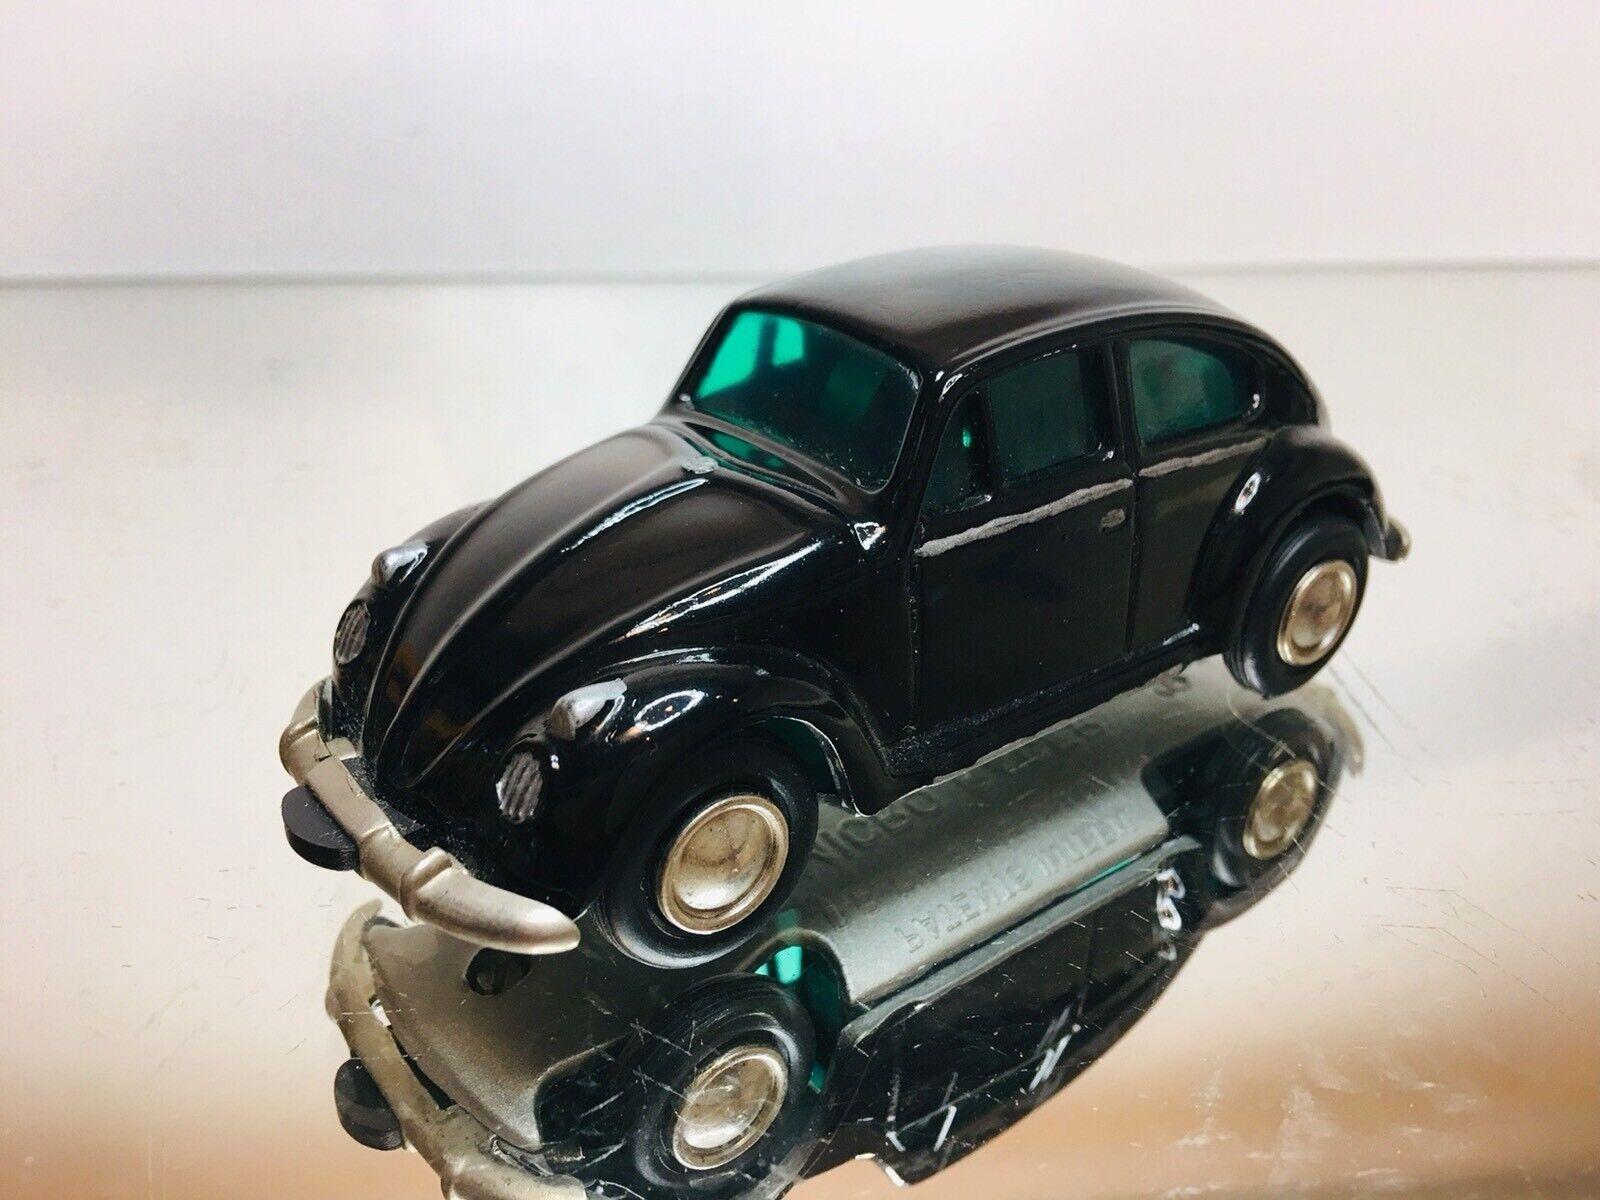 tutti i prodotti ottengono fino al 34% di sconto SCHUCO 1046 VW VOLKSWAGEN MICRO RACER RACER RACER IN VERY GOOD CONDITION  nessun minimo